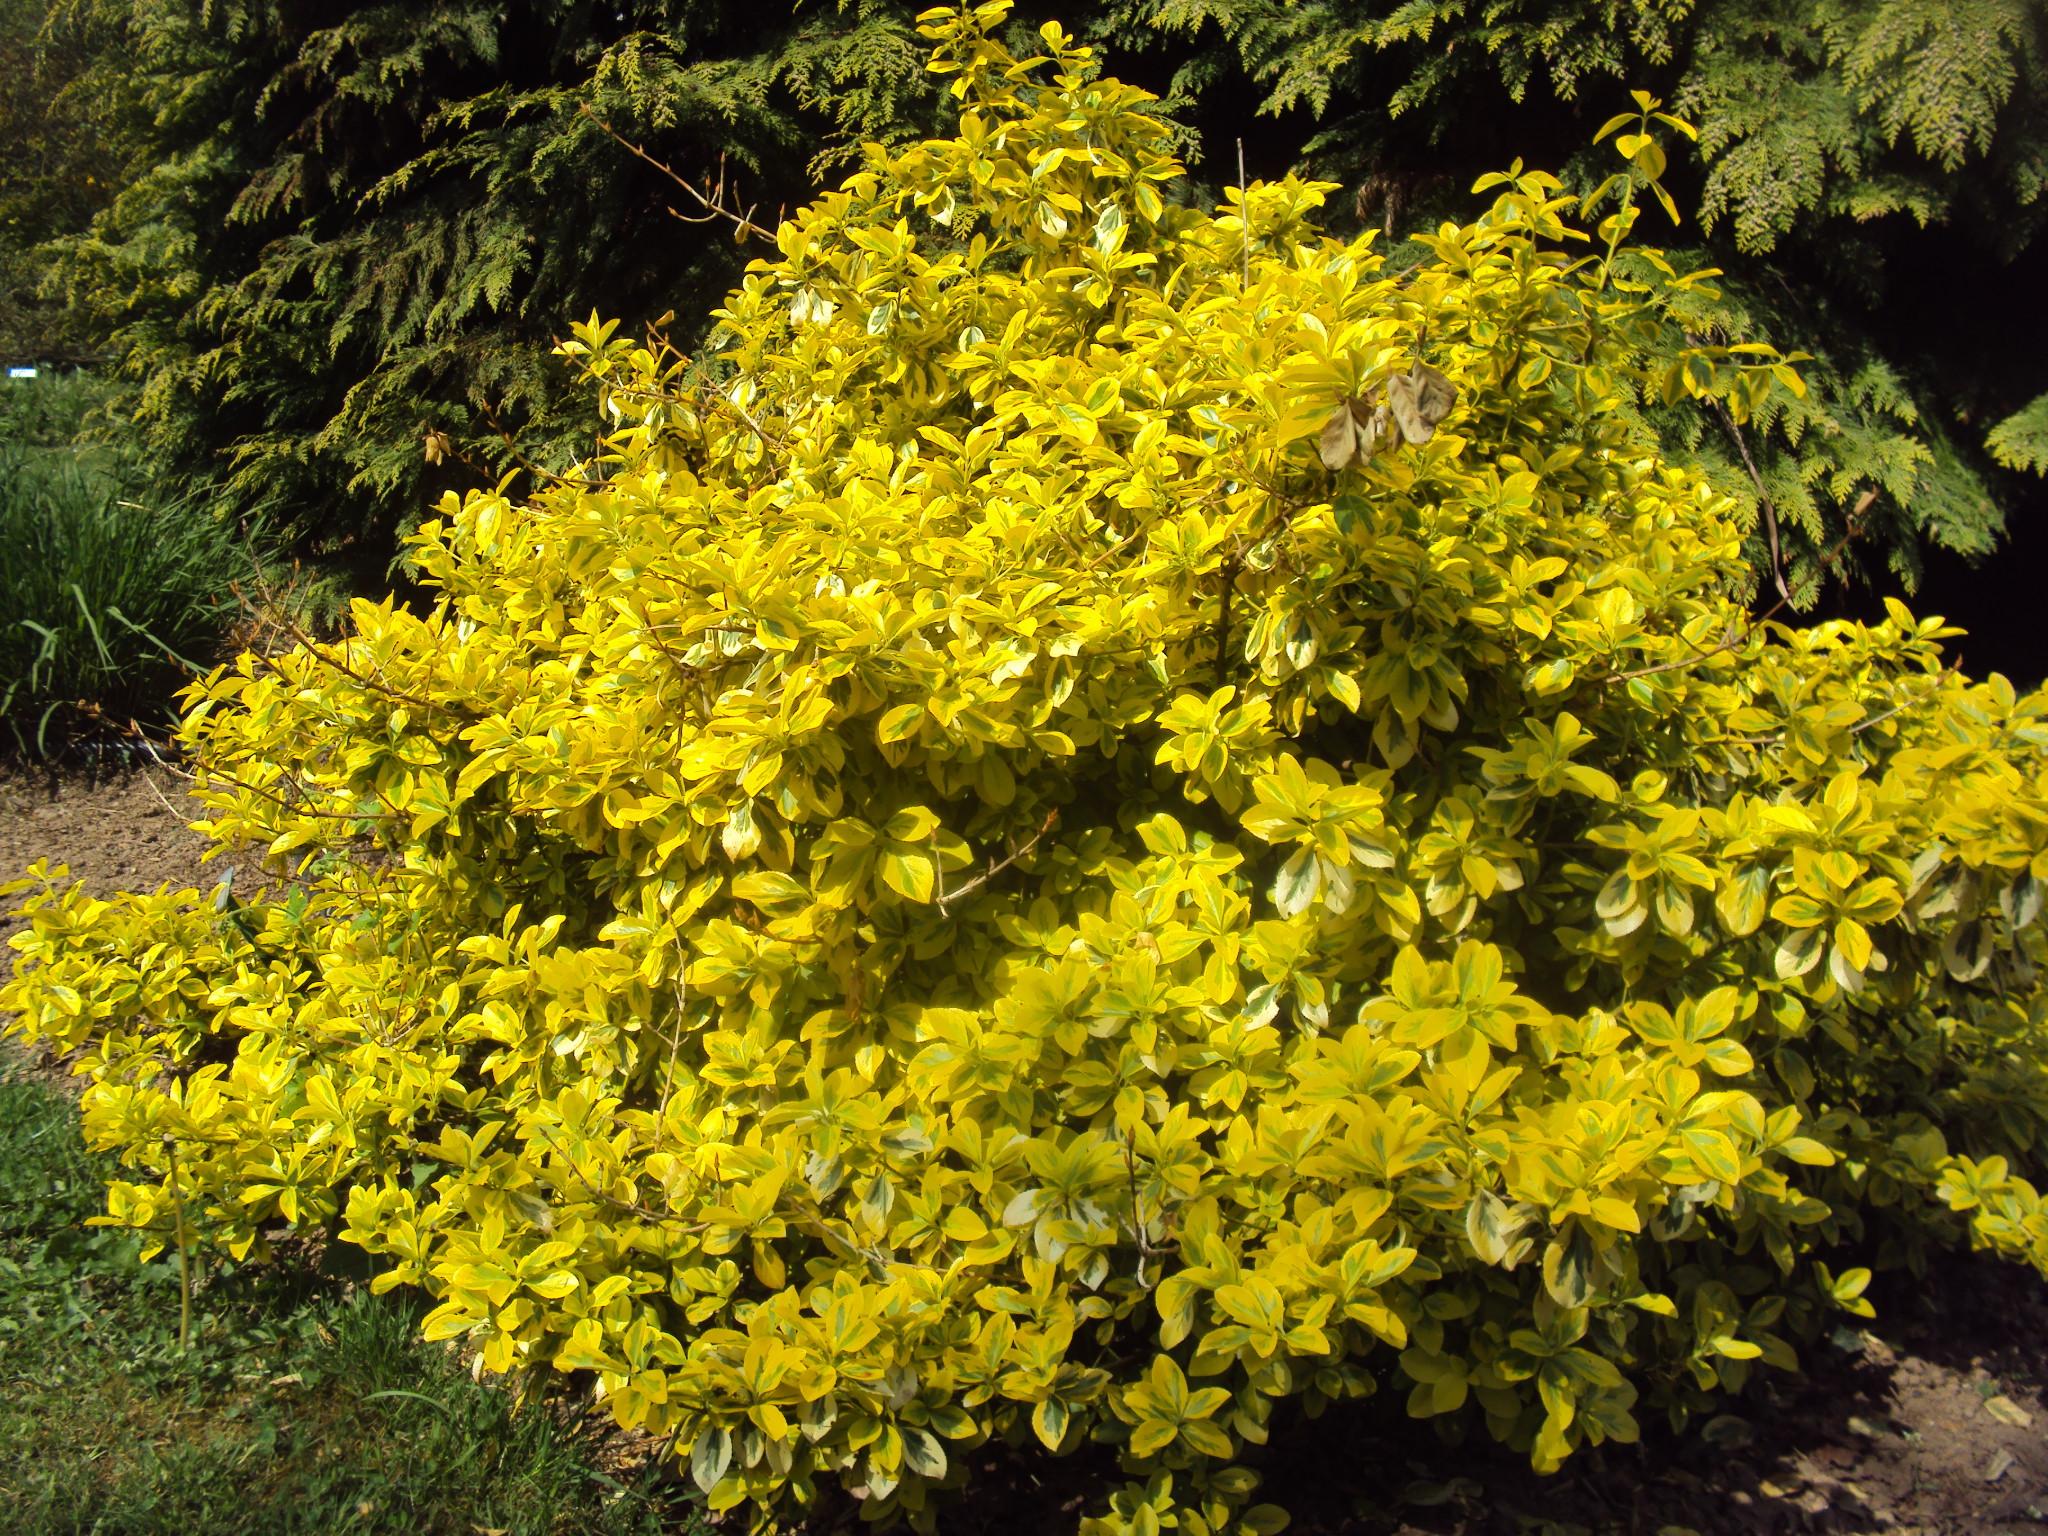 Couvre Sol Croissance Rapide choisir la bonne exposition pour un arbuste. | reponsactu